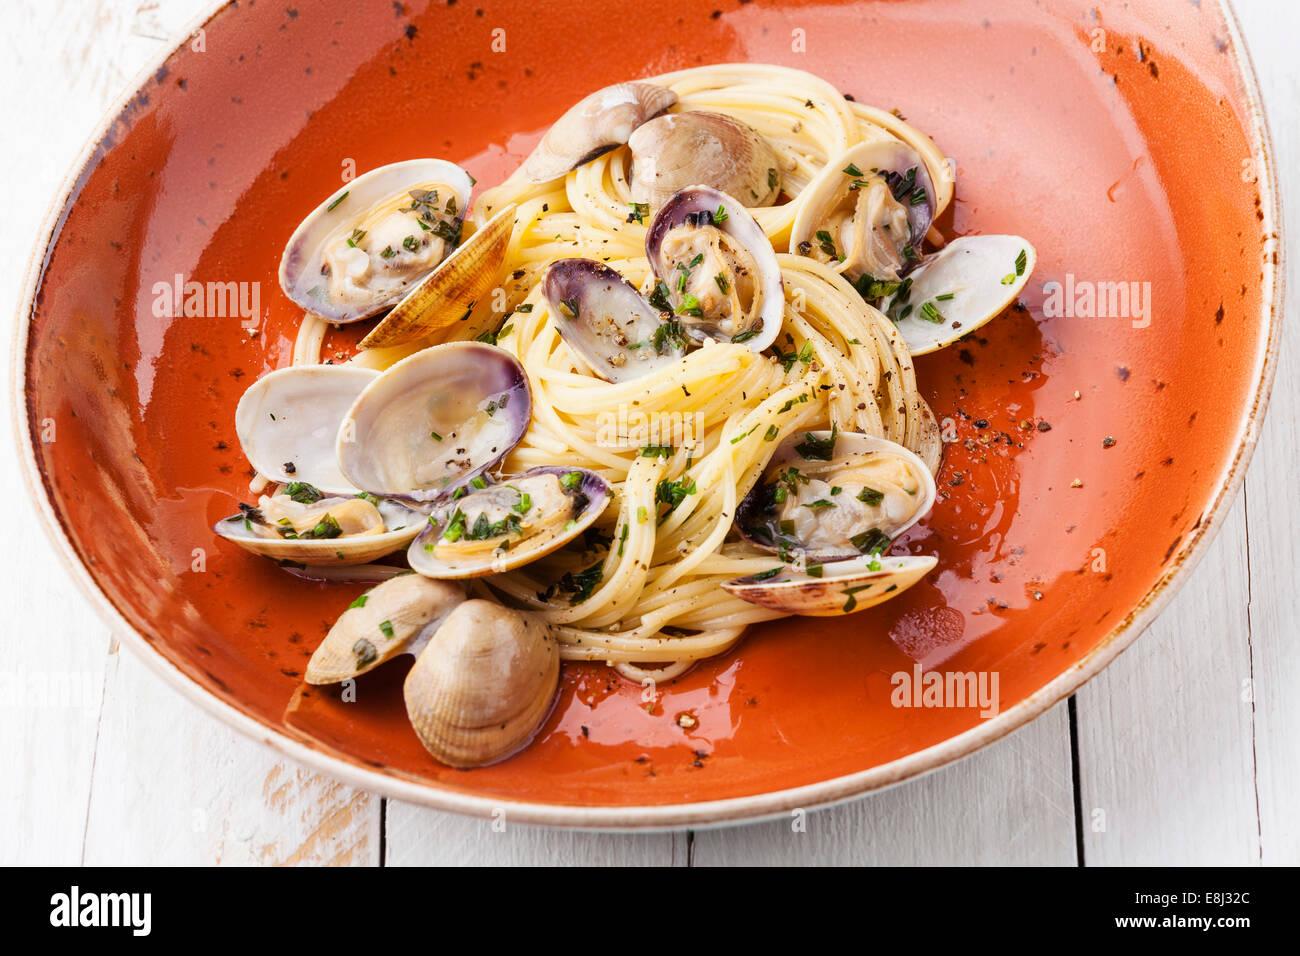 Pâtes aux fruits de mer Spaghetti alle vongole avec palourdes sur plaque orange Photo Stock